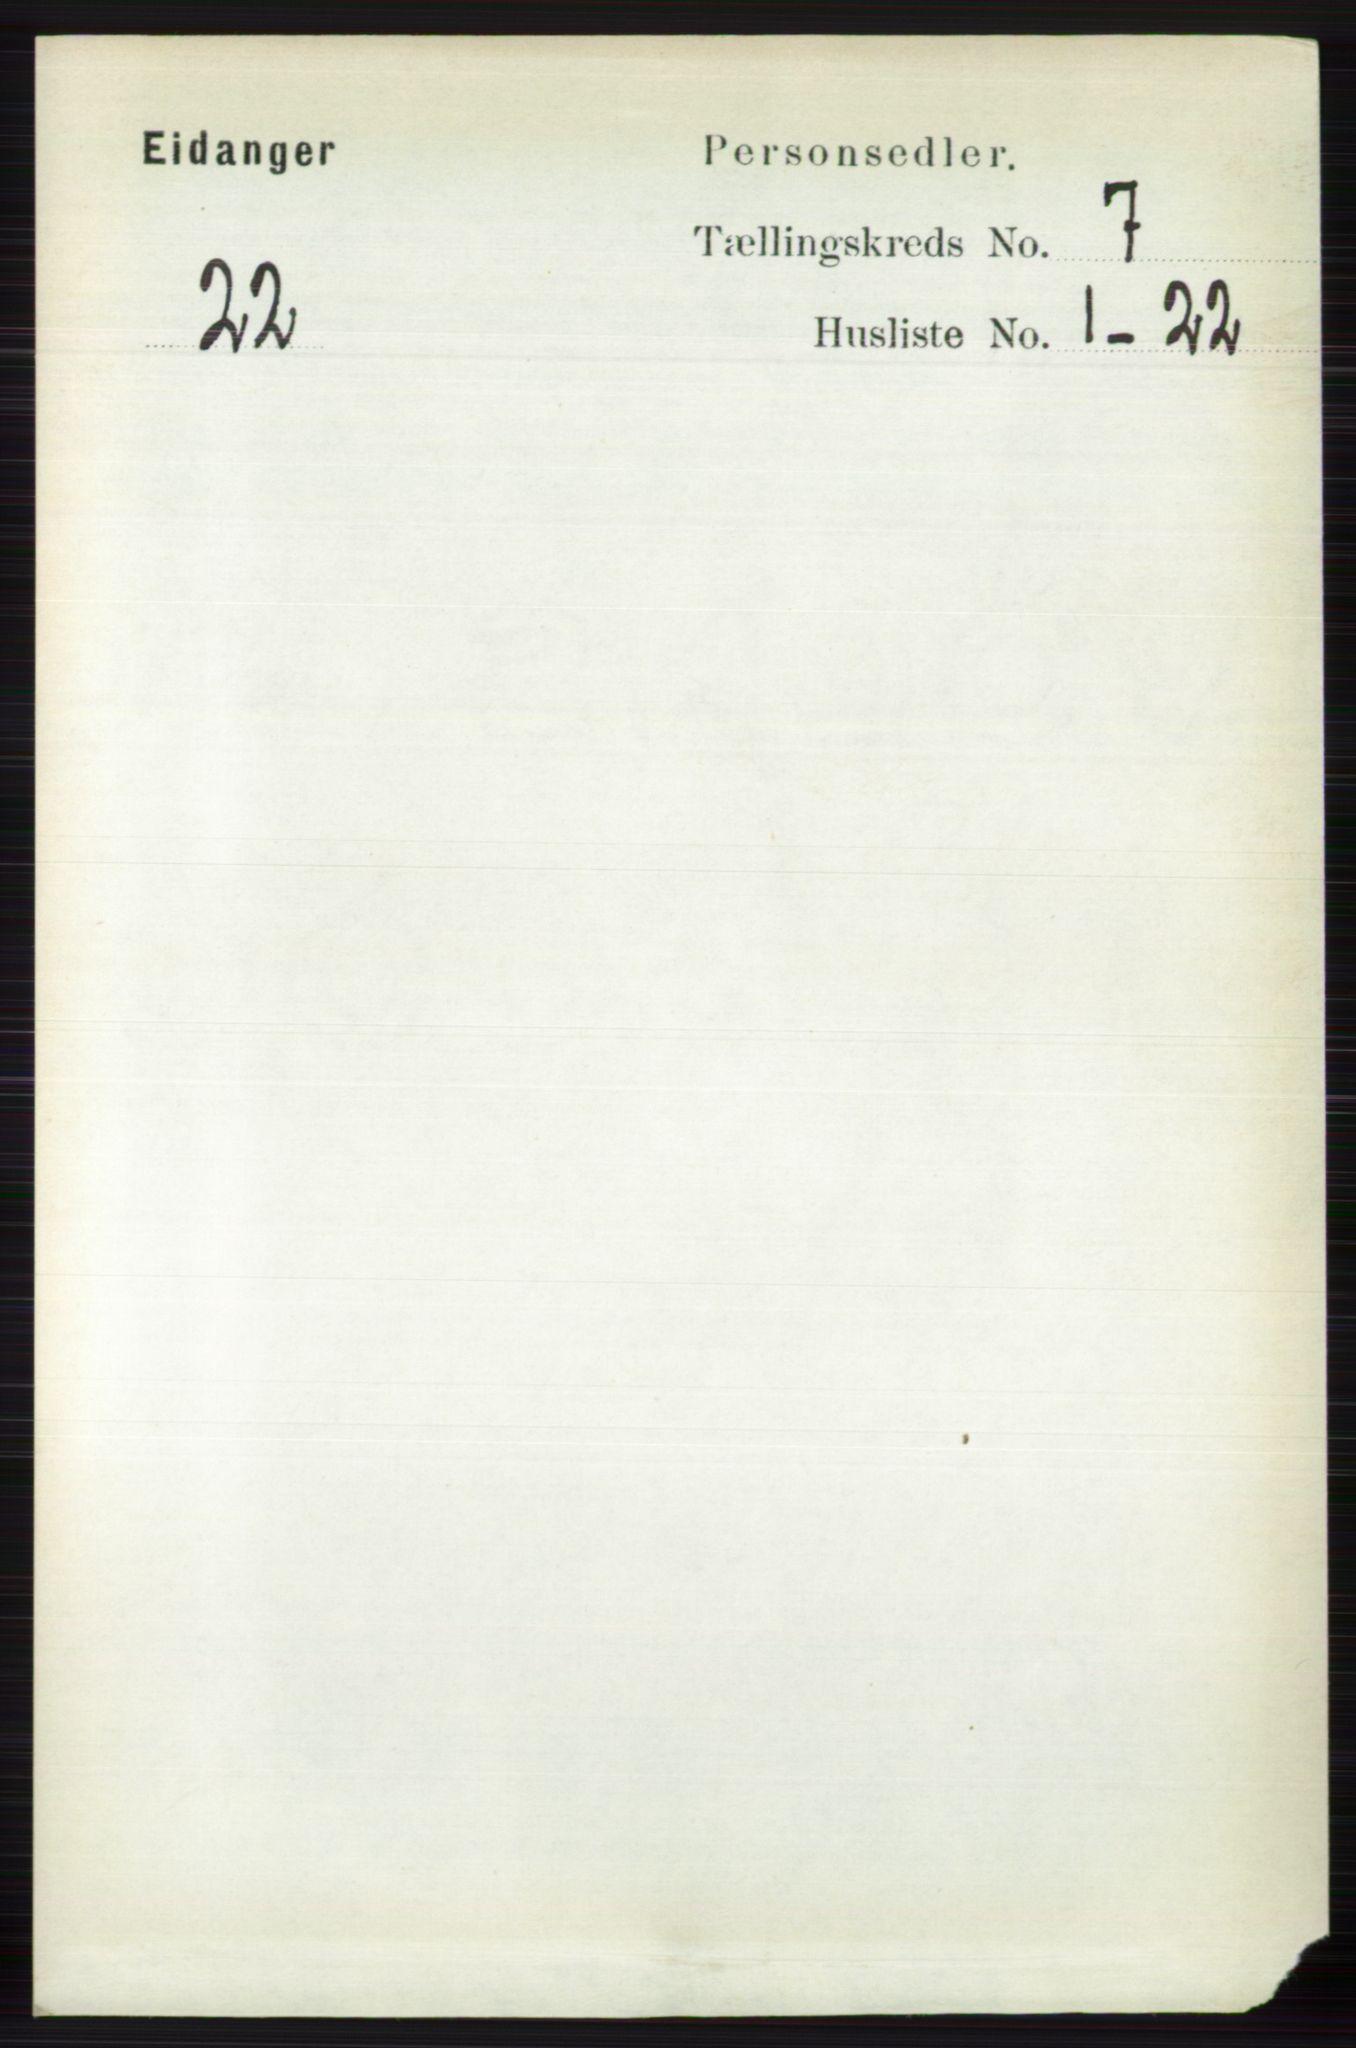 RA, Folketelling 1891 for 0813 Eidanger herred, 1891, s. 2750